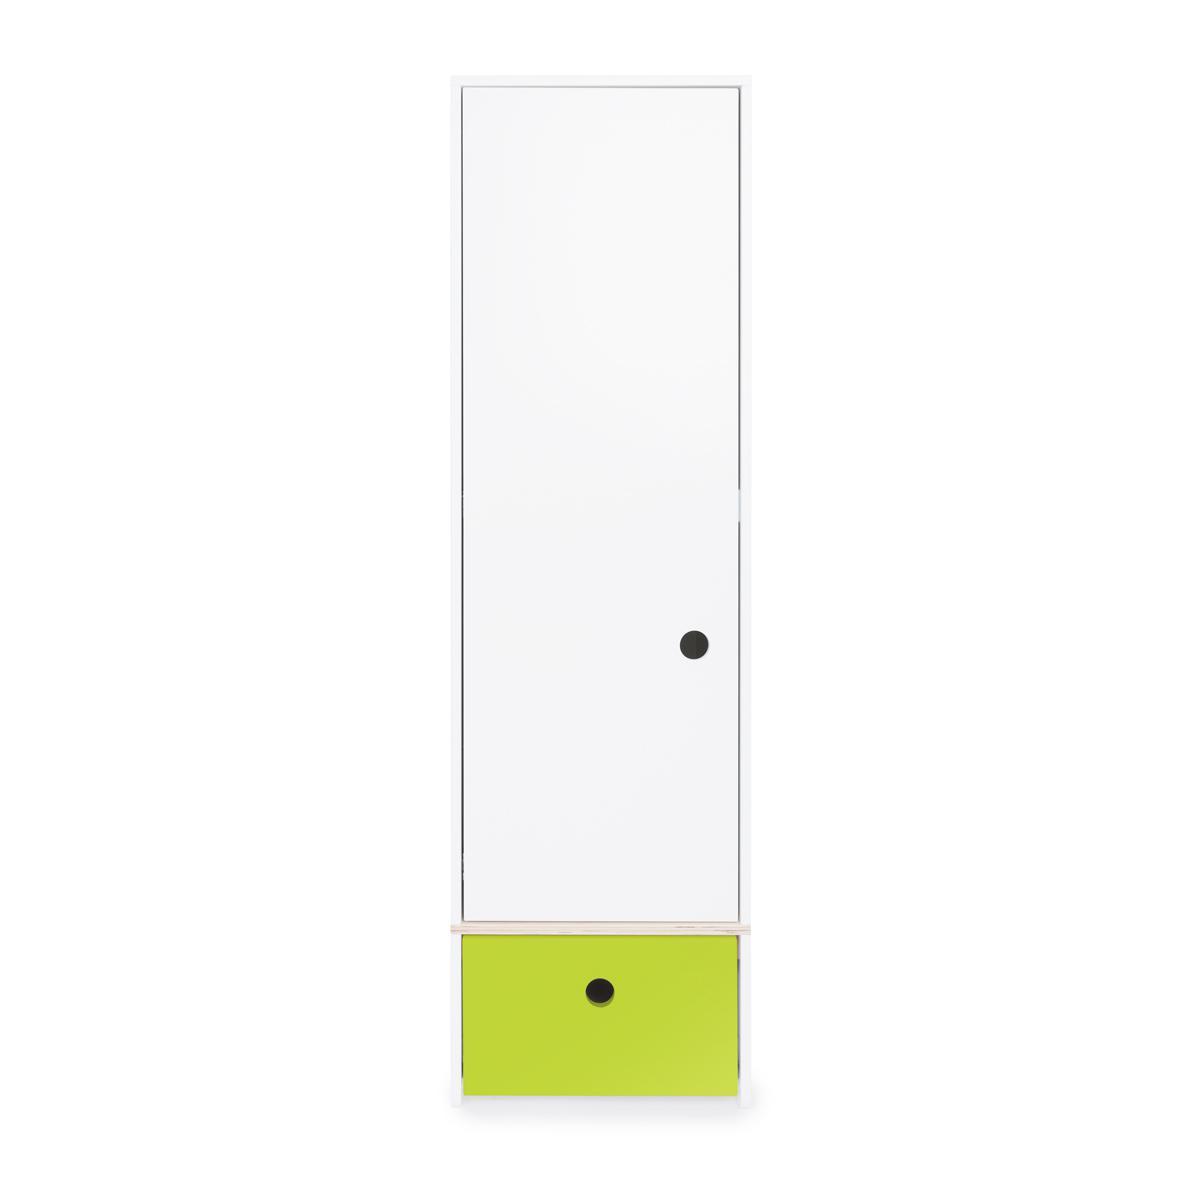 Armoire 1 porte façade tiroir citron vert